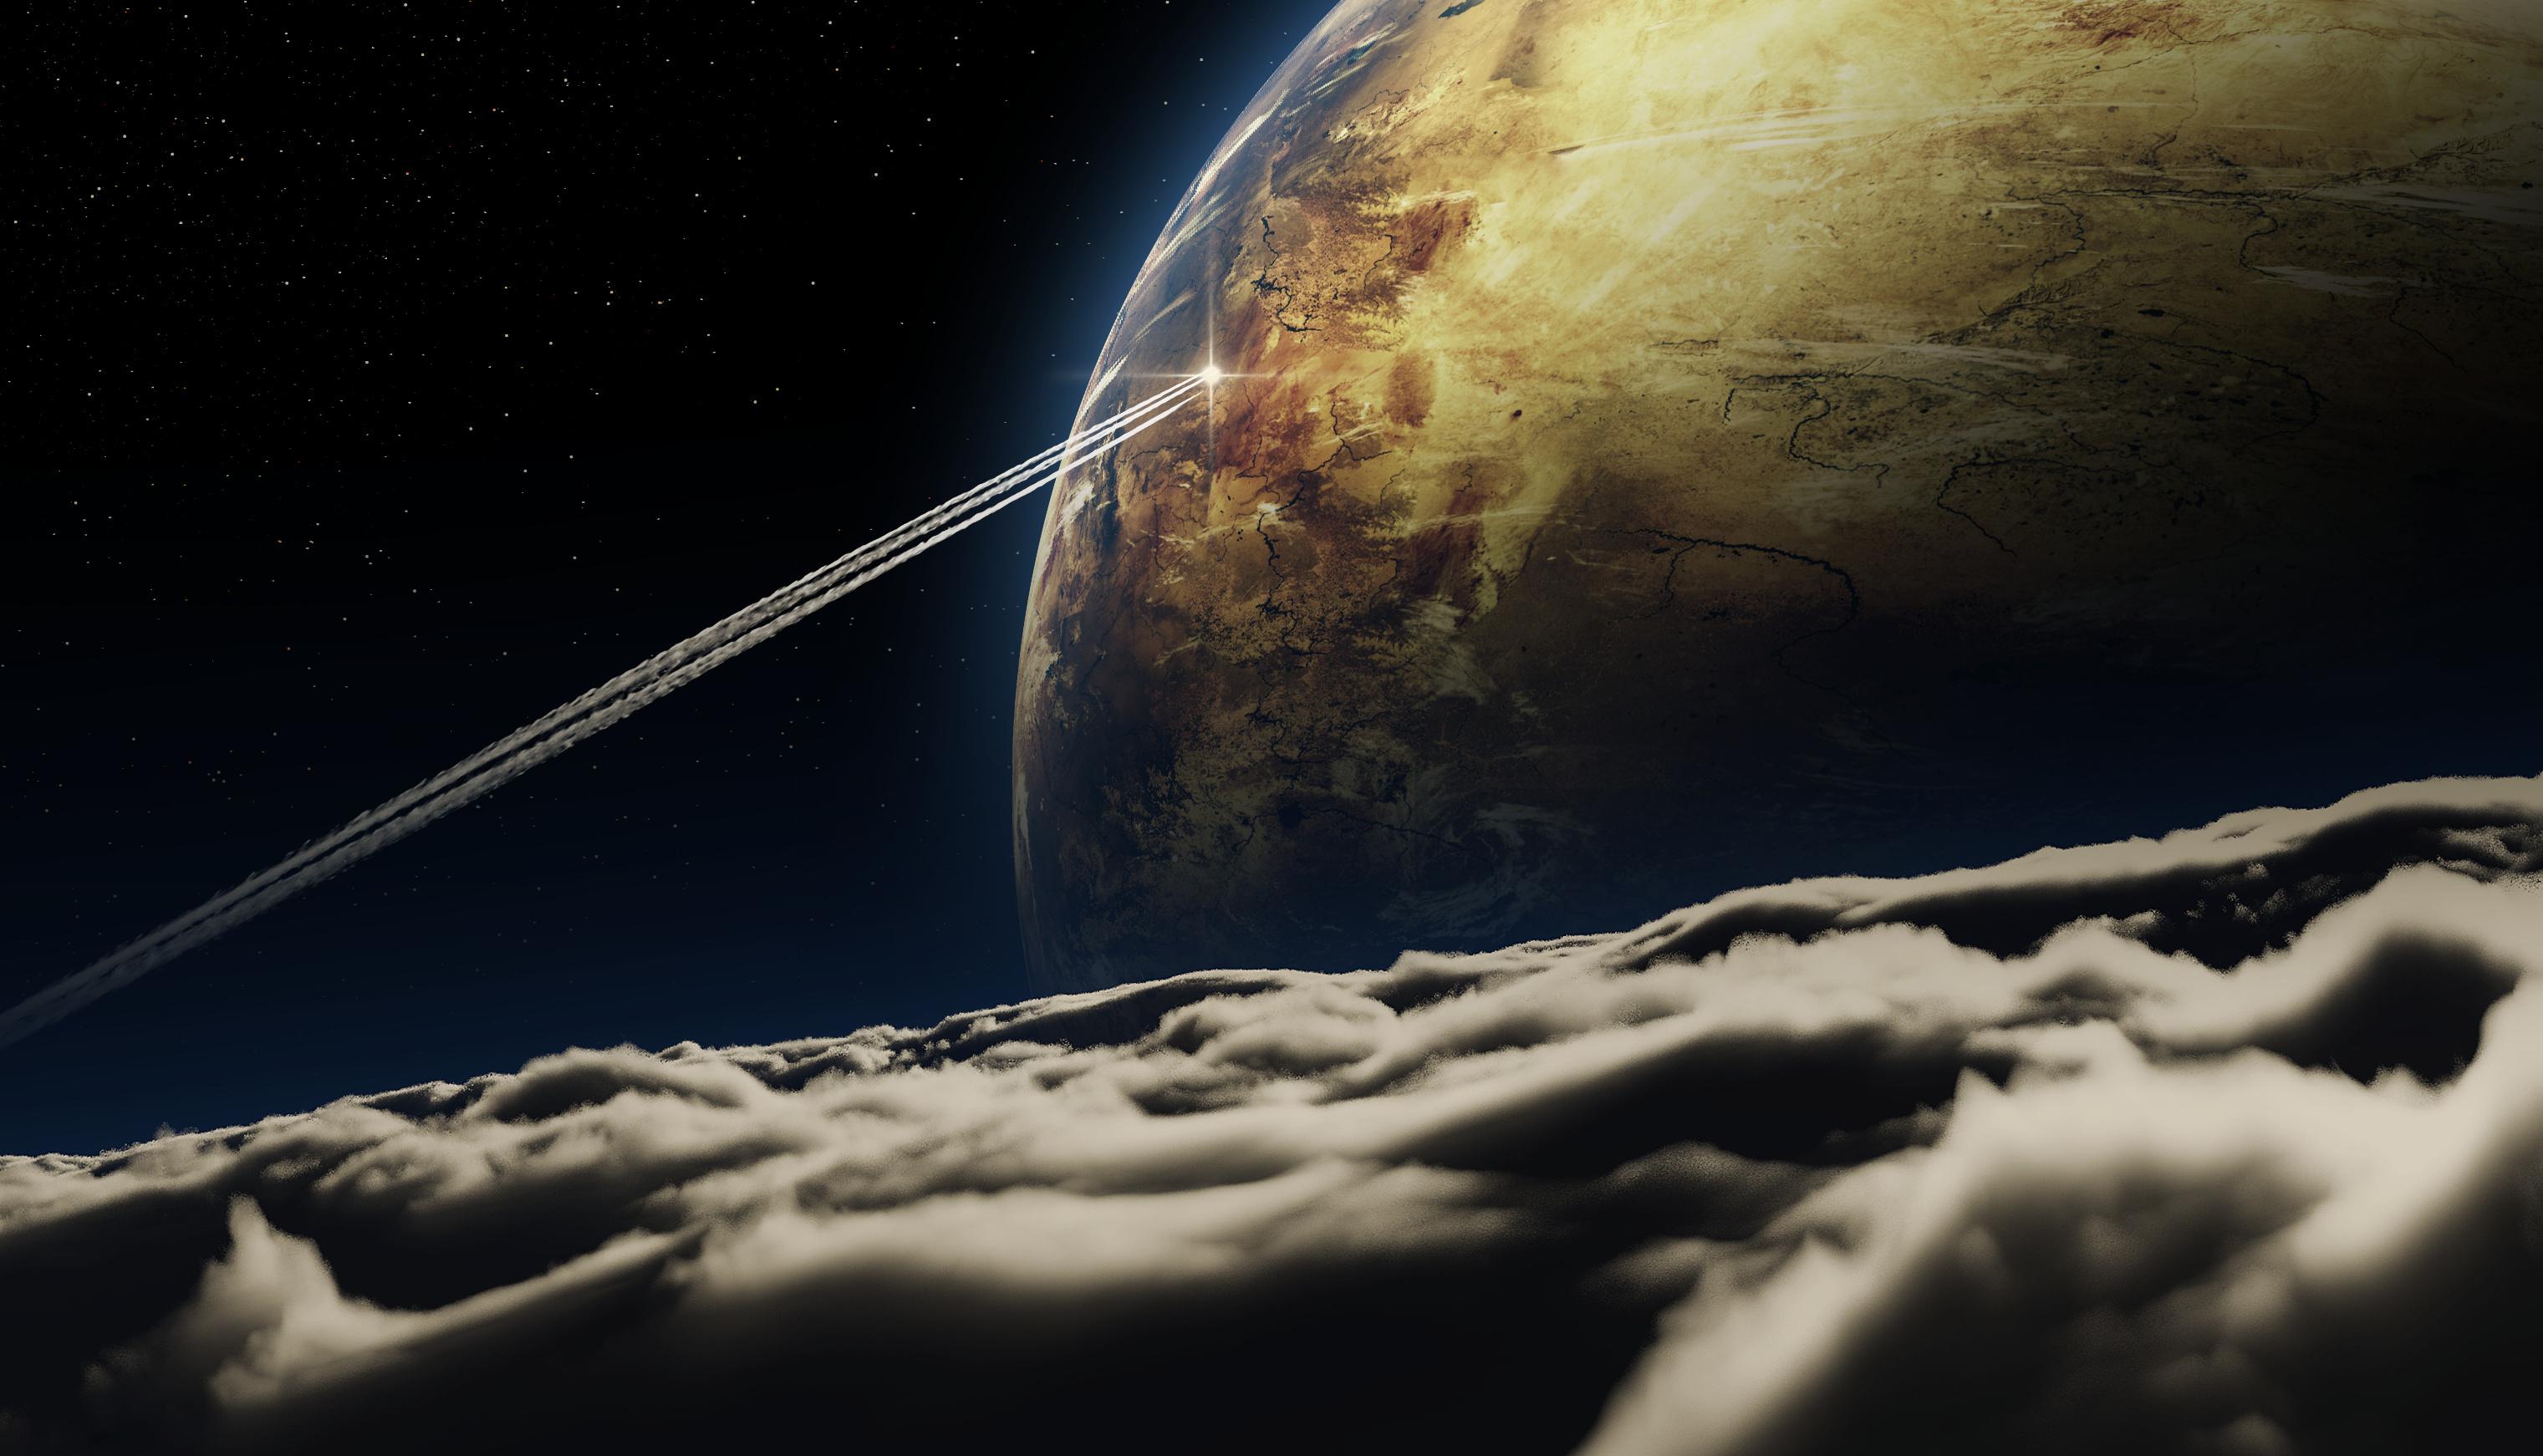 Обои Космос Корабль планета картинки на рабочий стол на тему Космос - скачать бесплатно